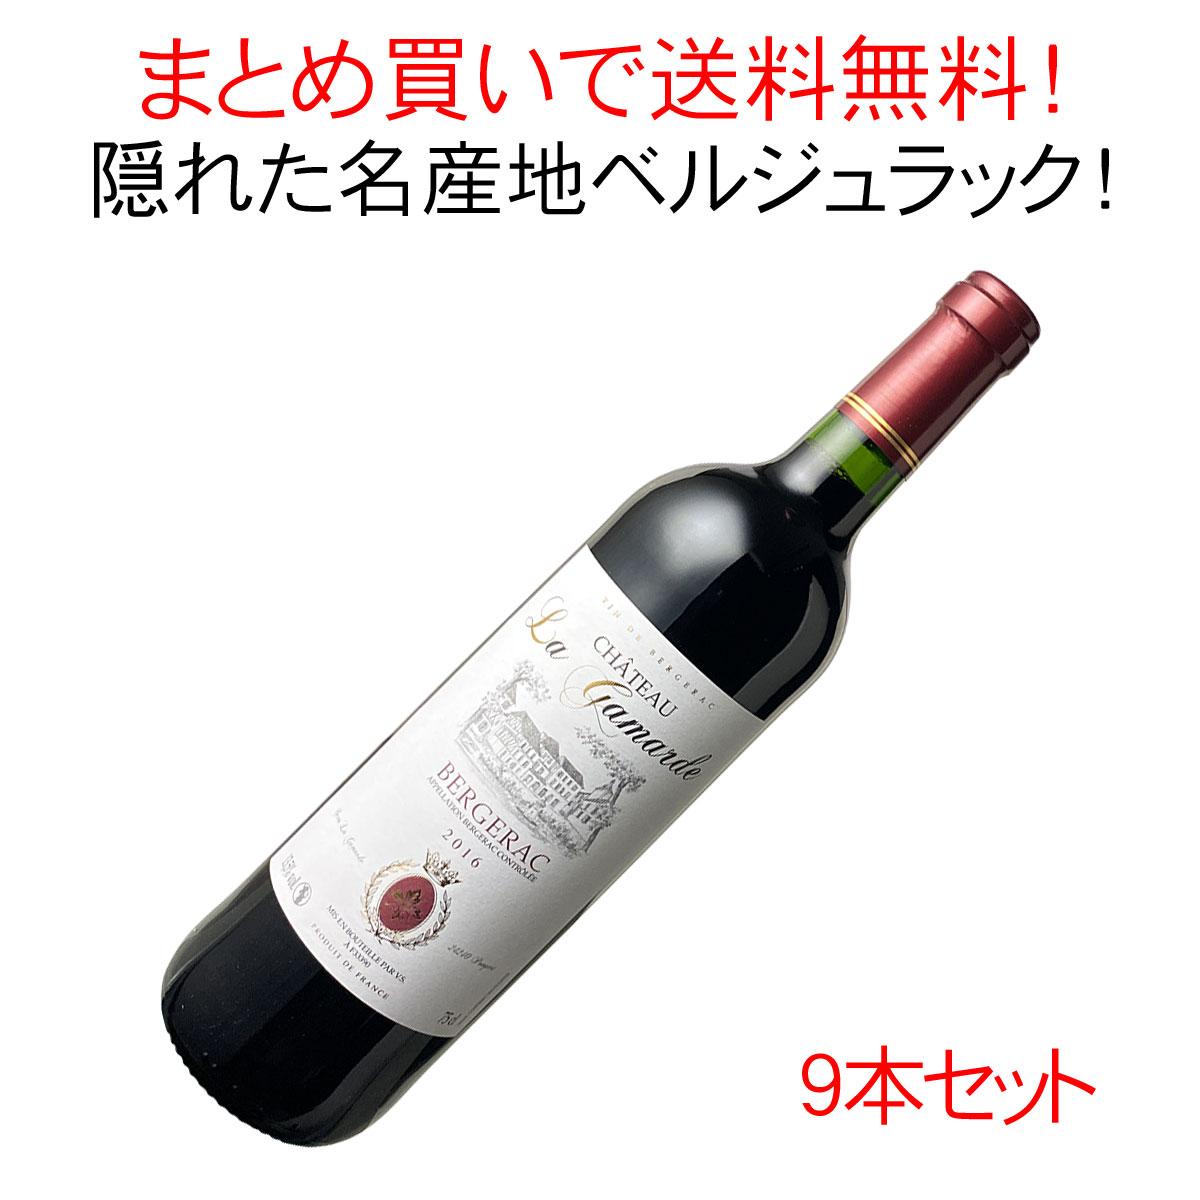 【送料無料】シャトー・ラ・ガマルドゥ [2016] 1ケース9本セット <ワイン/フランス南西部>